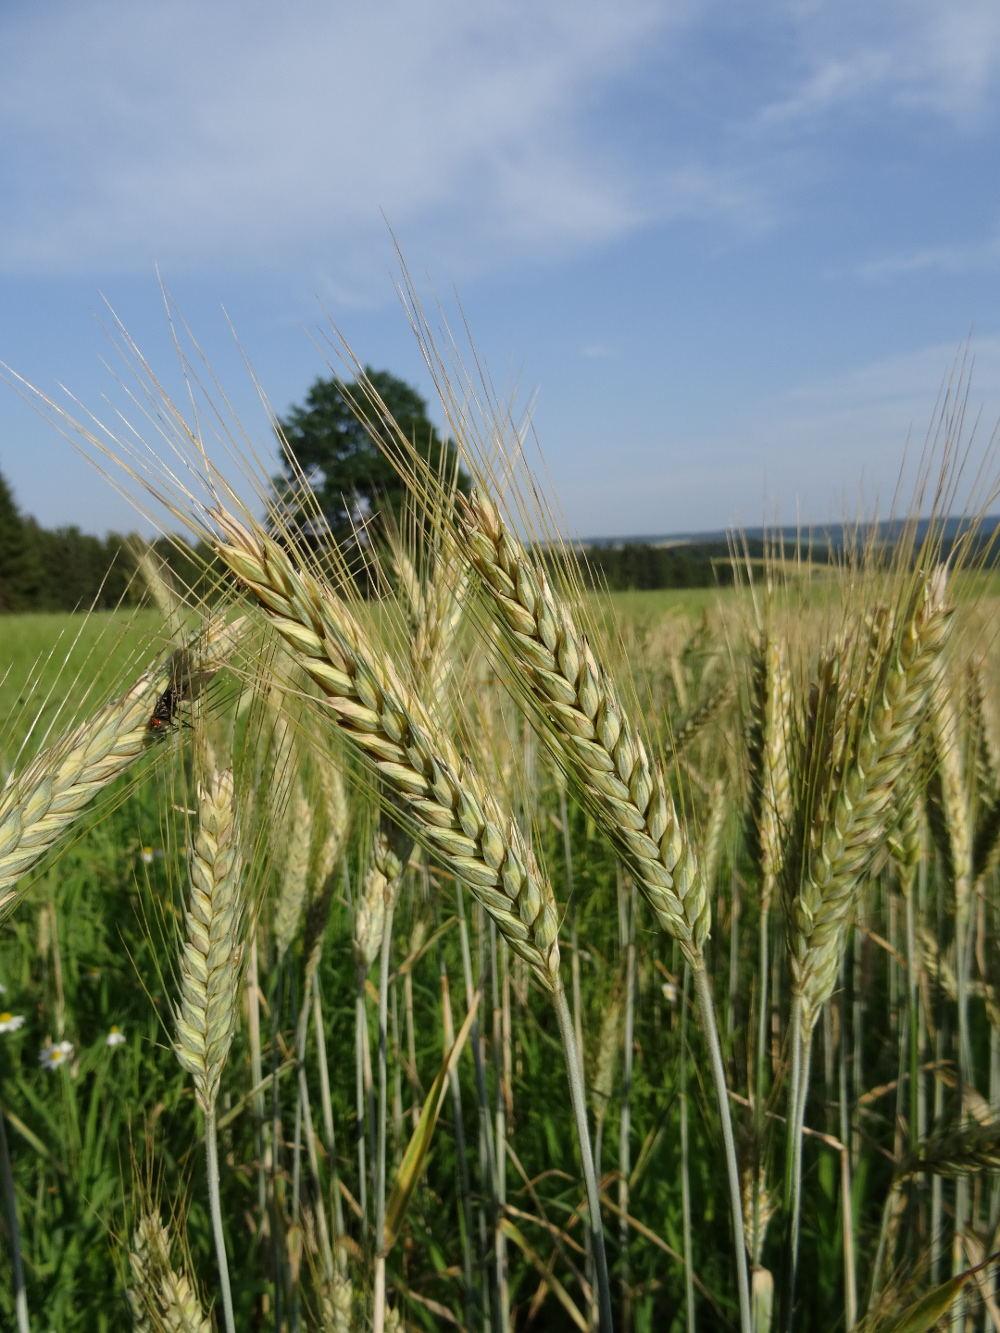 Getreidefeld in Sachsen, Erzgebirge: Philipp Schuster (@phip1611), 17.07.2015